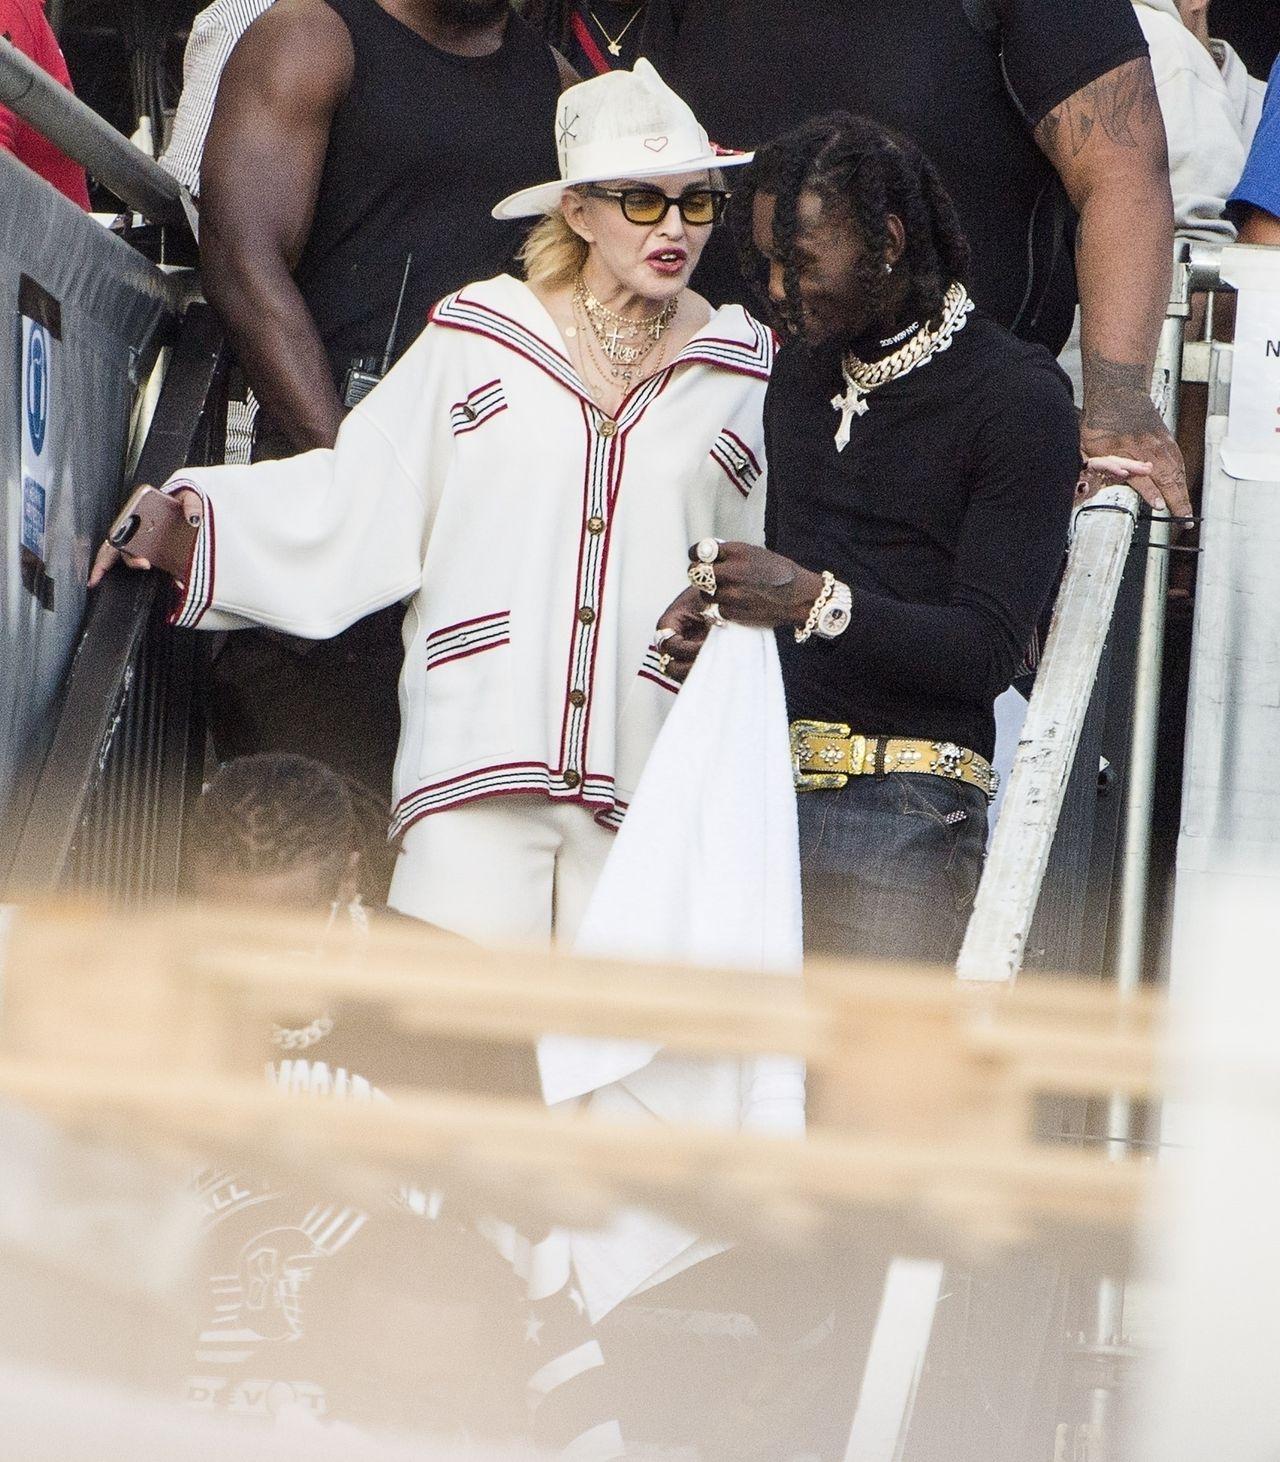 Nagie zdjęcie 19-letniej Madonny: Pozowałam, żeby opłacić czynsz